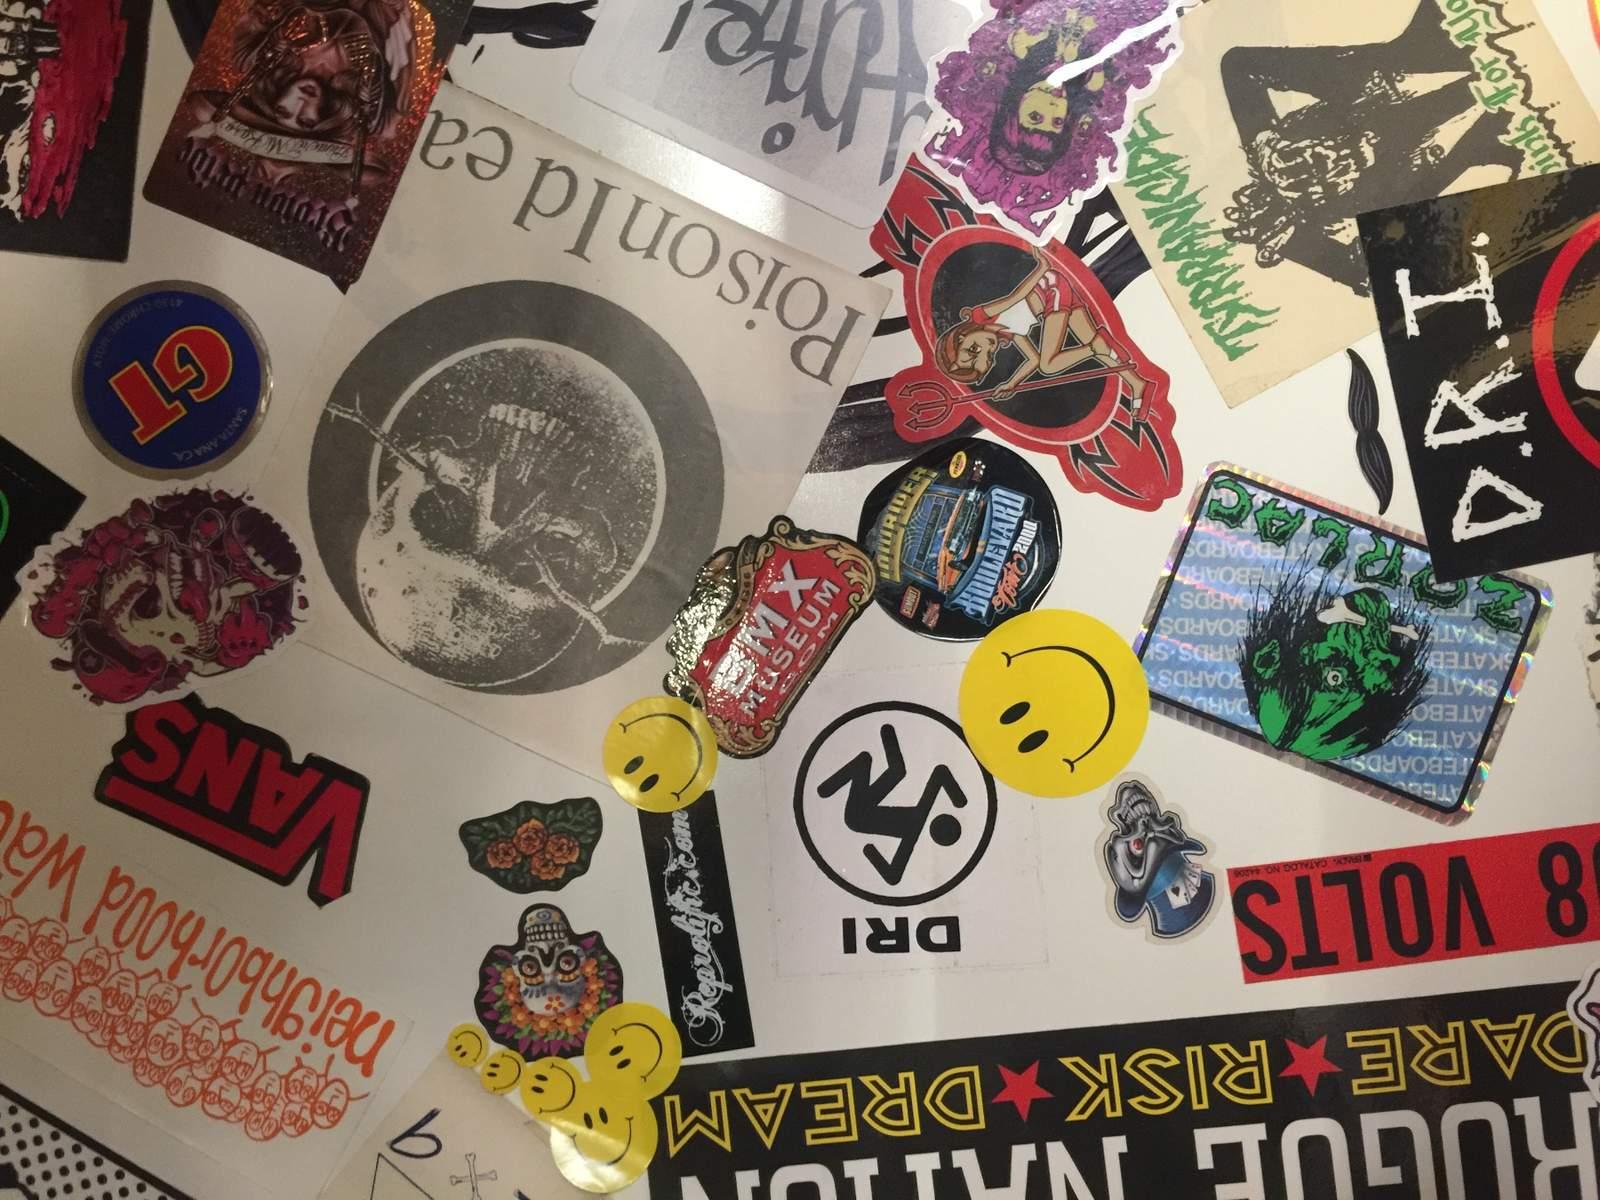 https://s3.amazonaws.com/uploads.bmxmuseum.com/user-images/201008/ded3f69f-0825-4325-8cff-55094faf87e85f8a3e0f55.jpeg